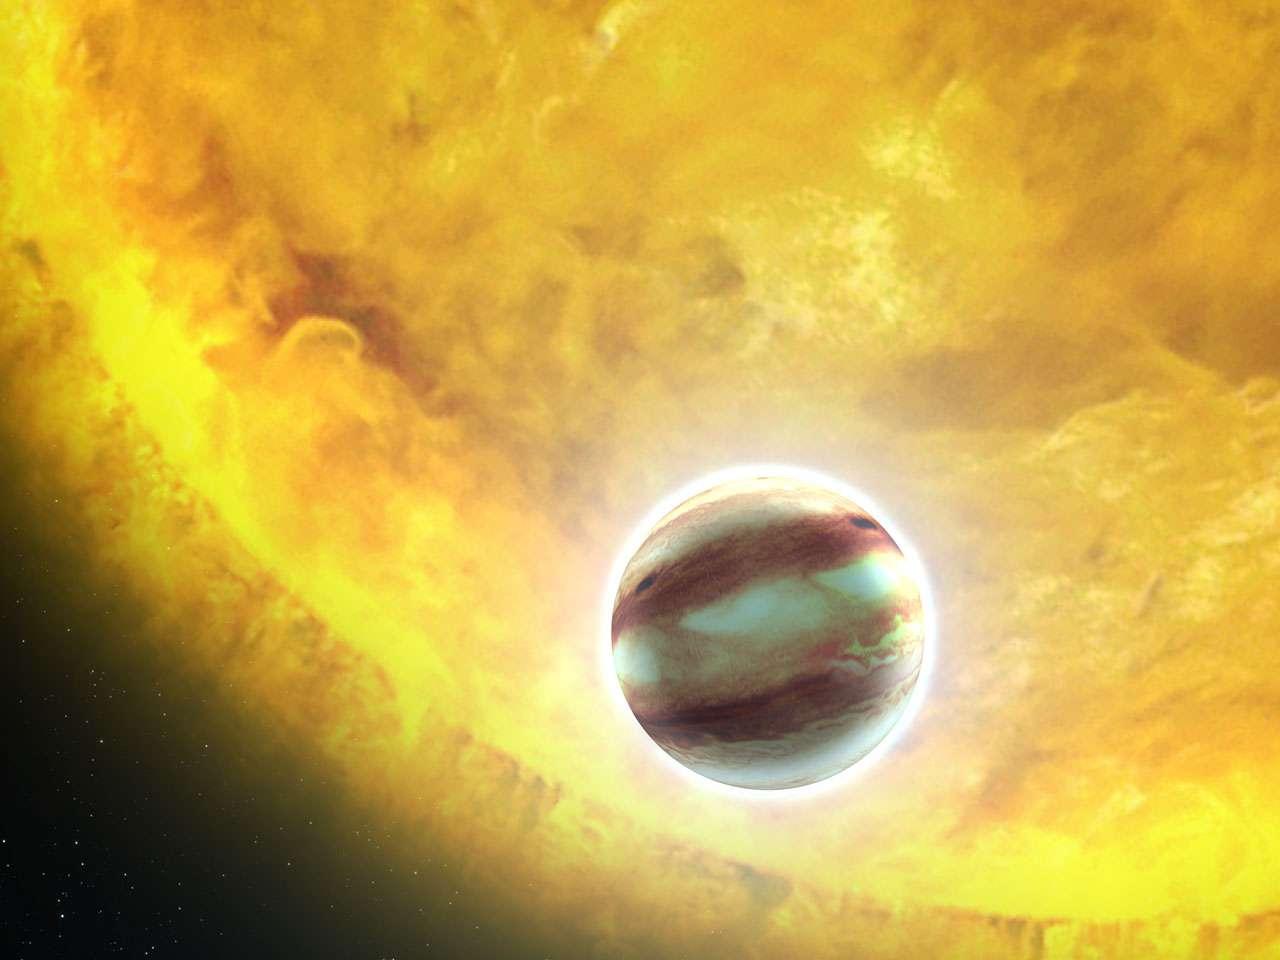 Une vue d'artiste du transit de l'exoplanète HAT-P-7b située à environ 1.044 années-lumière de la Terre. Son diamètre est estimé à 1,4 fois celui de Jupiter. © Nasa, Esa et G. Bacon (STScI)